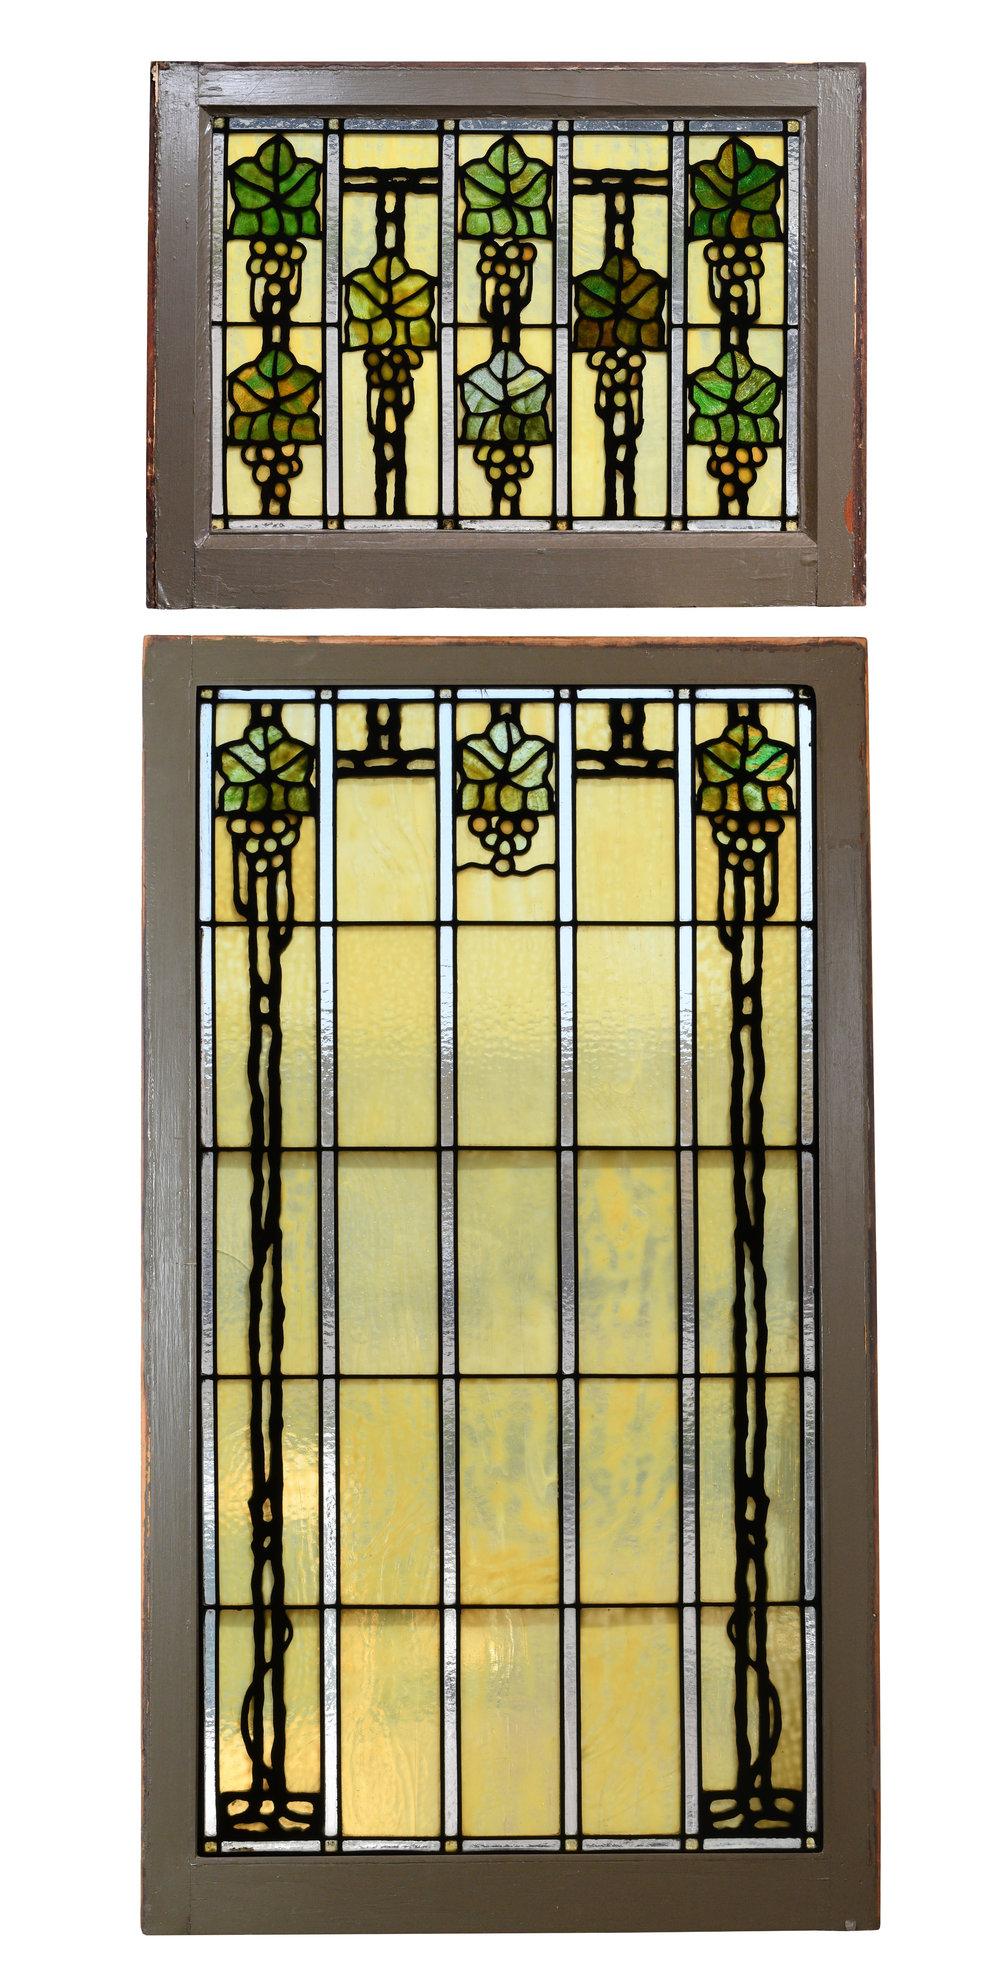 47809-bradstreet-grape-leaves-full-view-painted-side.jpg